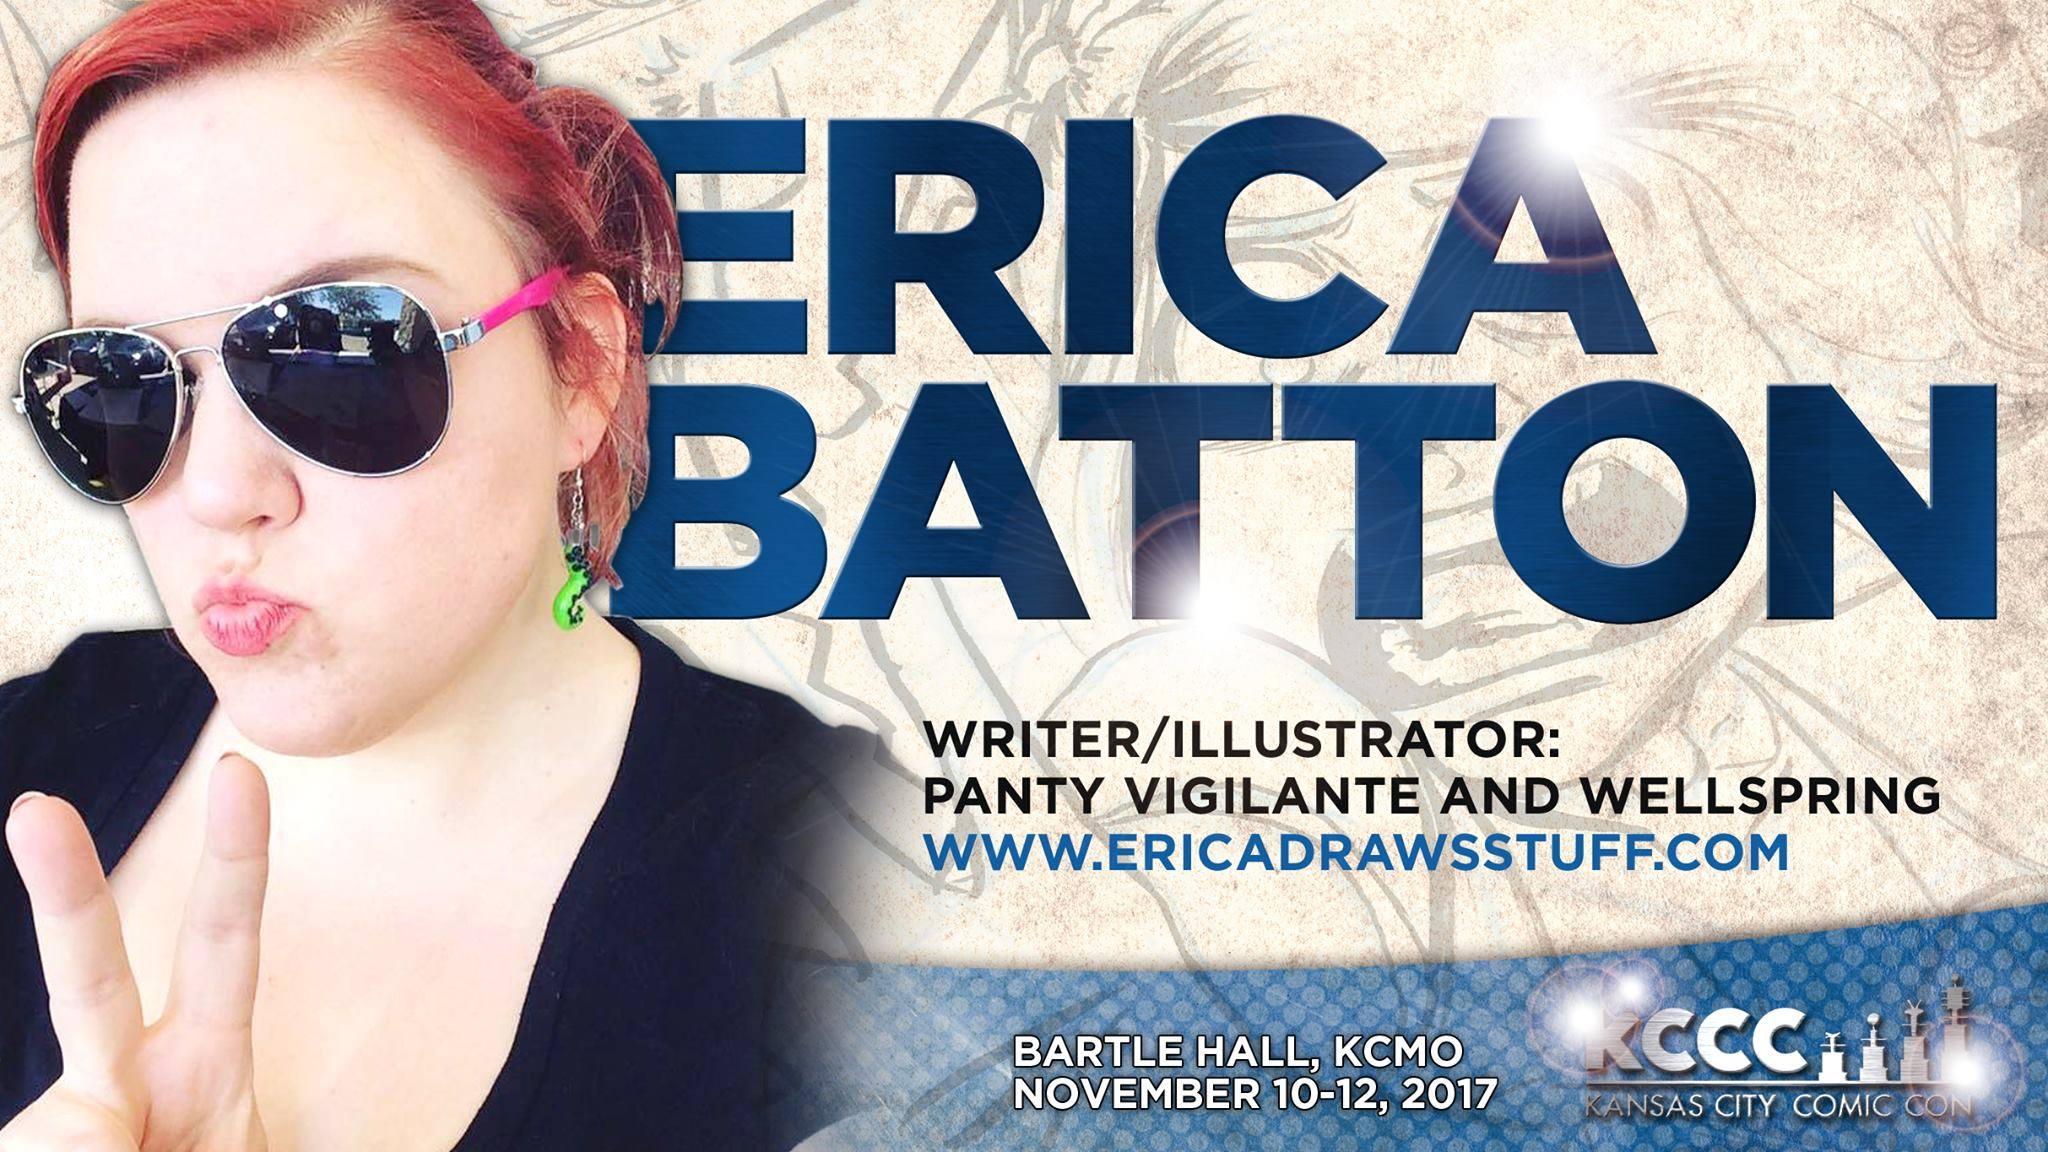 EricaBatton.jpg